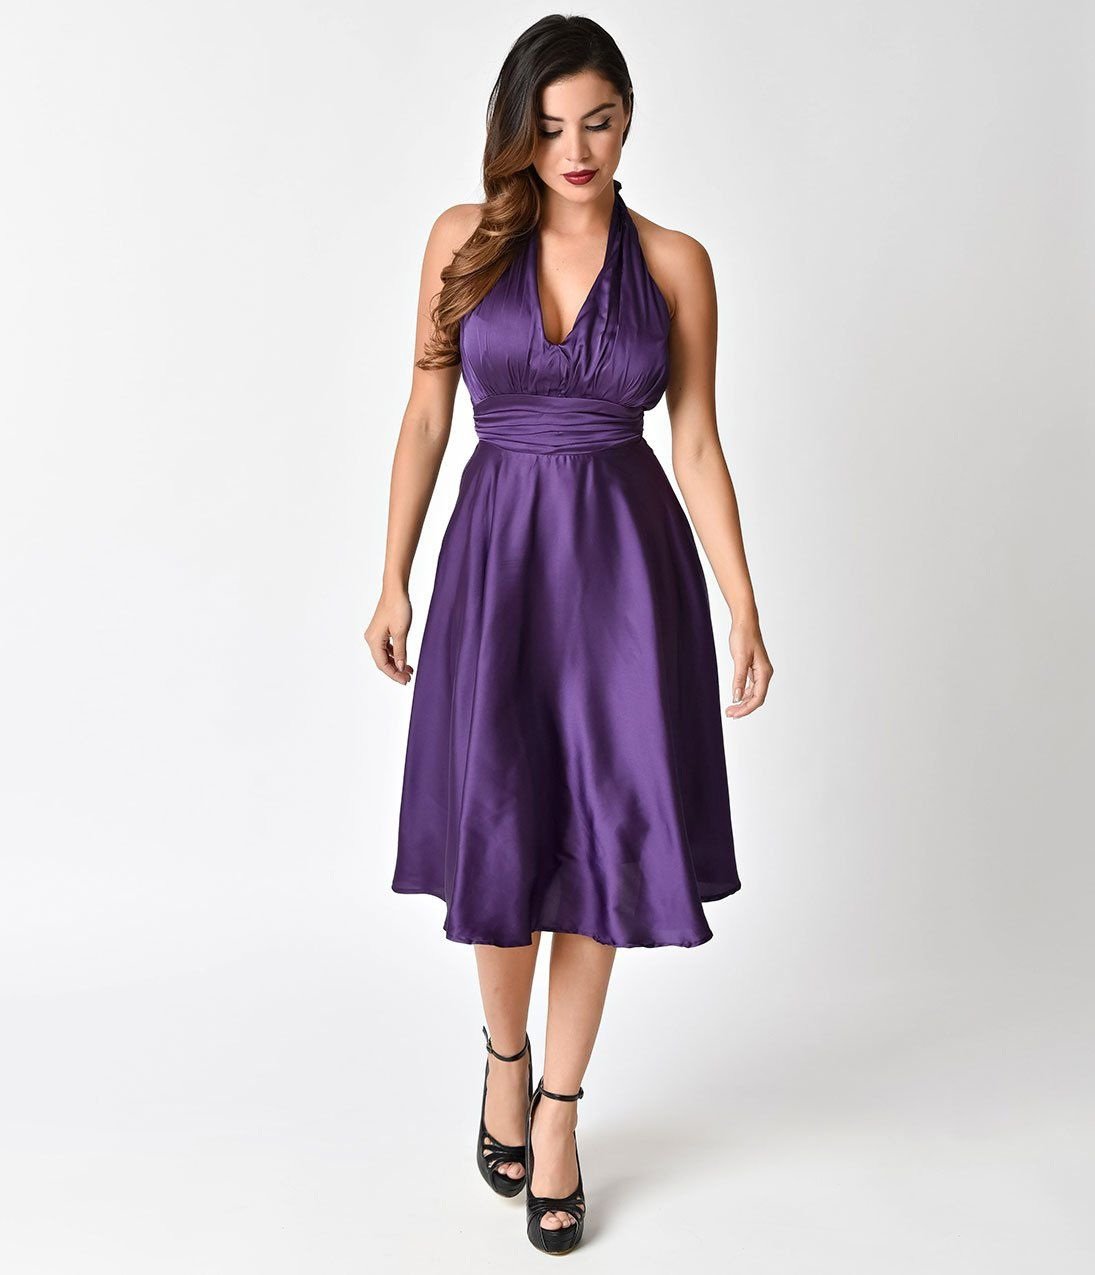 Unique Vintage 1950s Style Purple Satin Halter Hyannis Swing Dress Vintage 1950s Dresses Swing Dress Dresses [ 1275 x 1095 Pixel ]